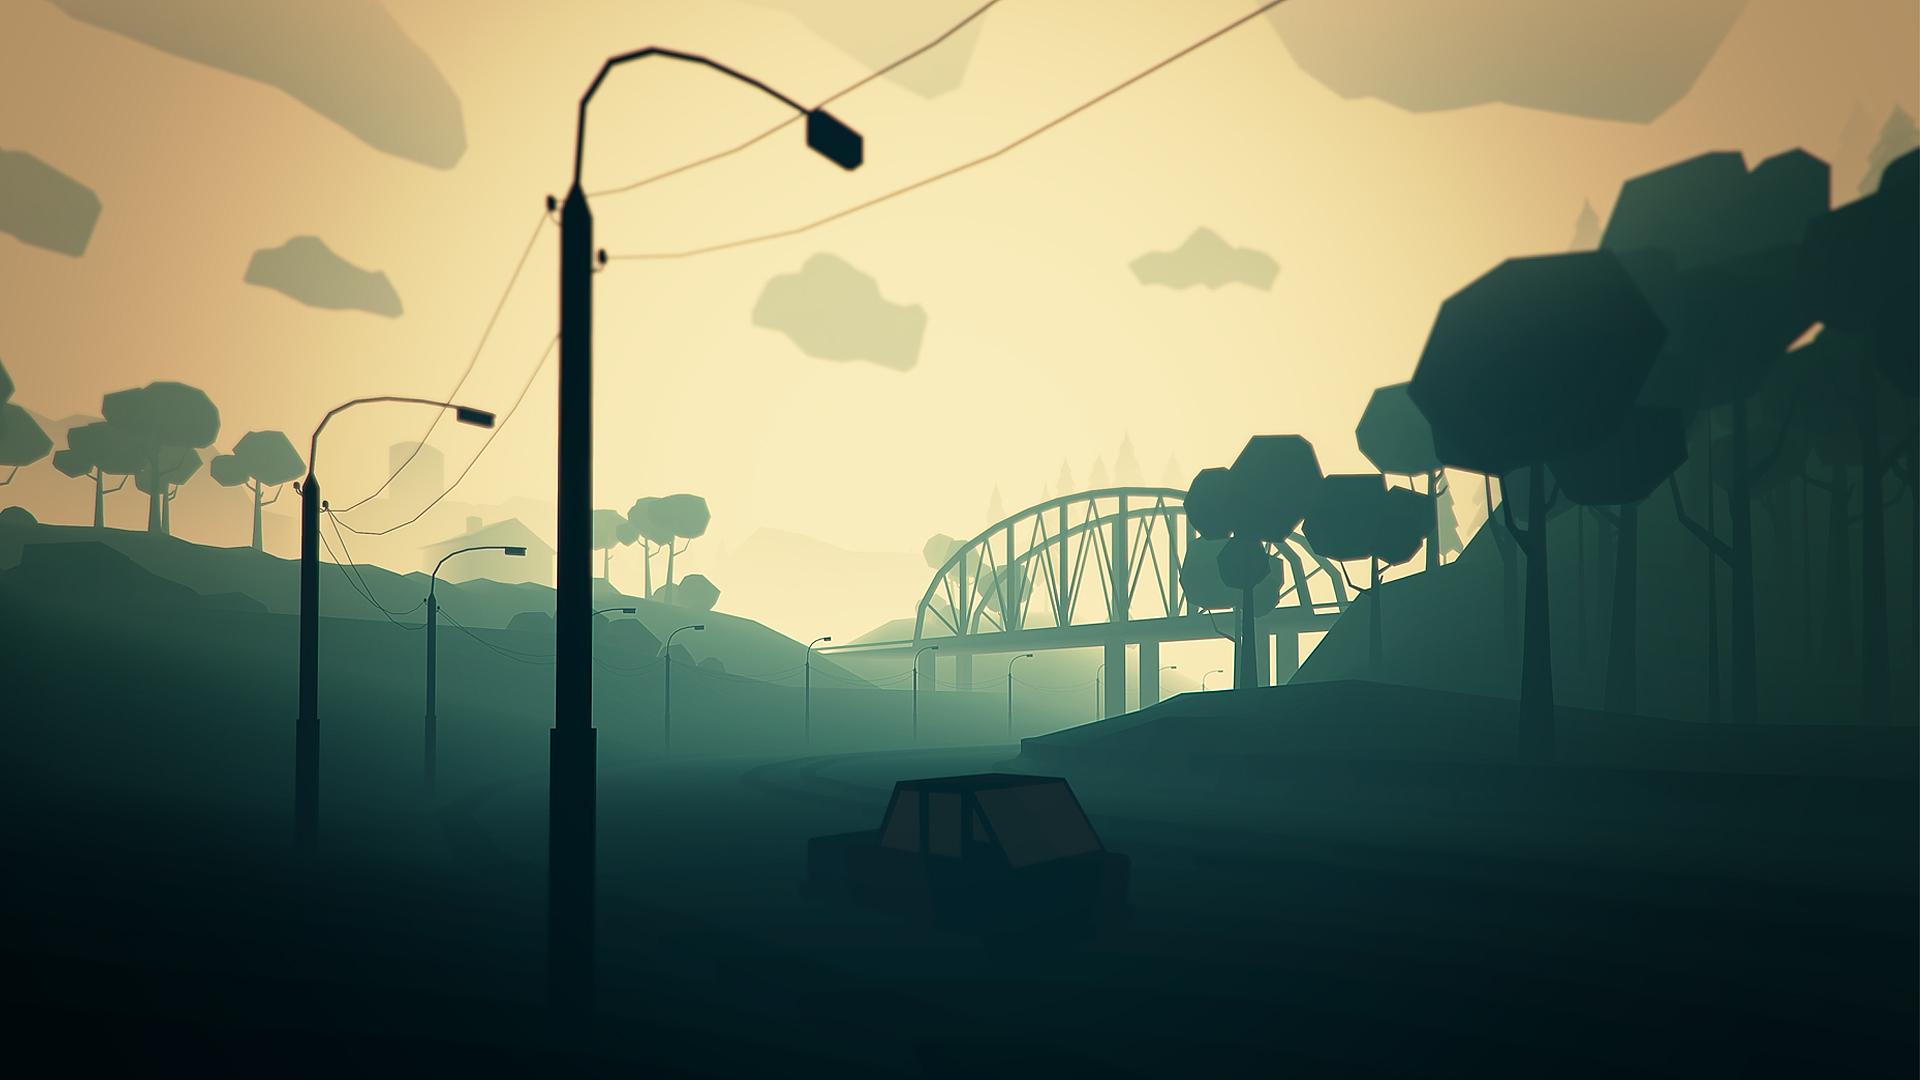 Road Z 2 by prusakov